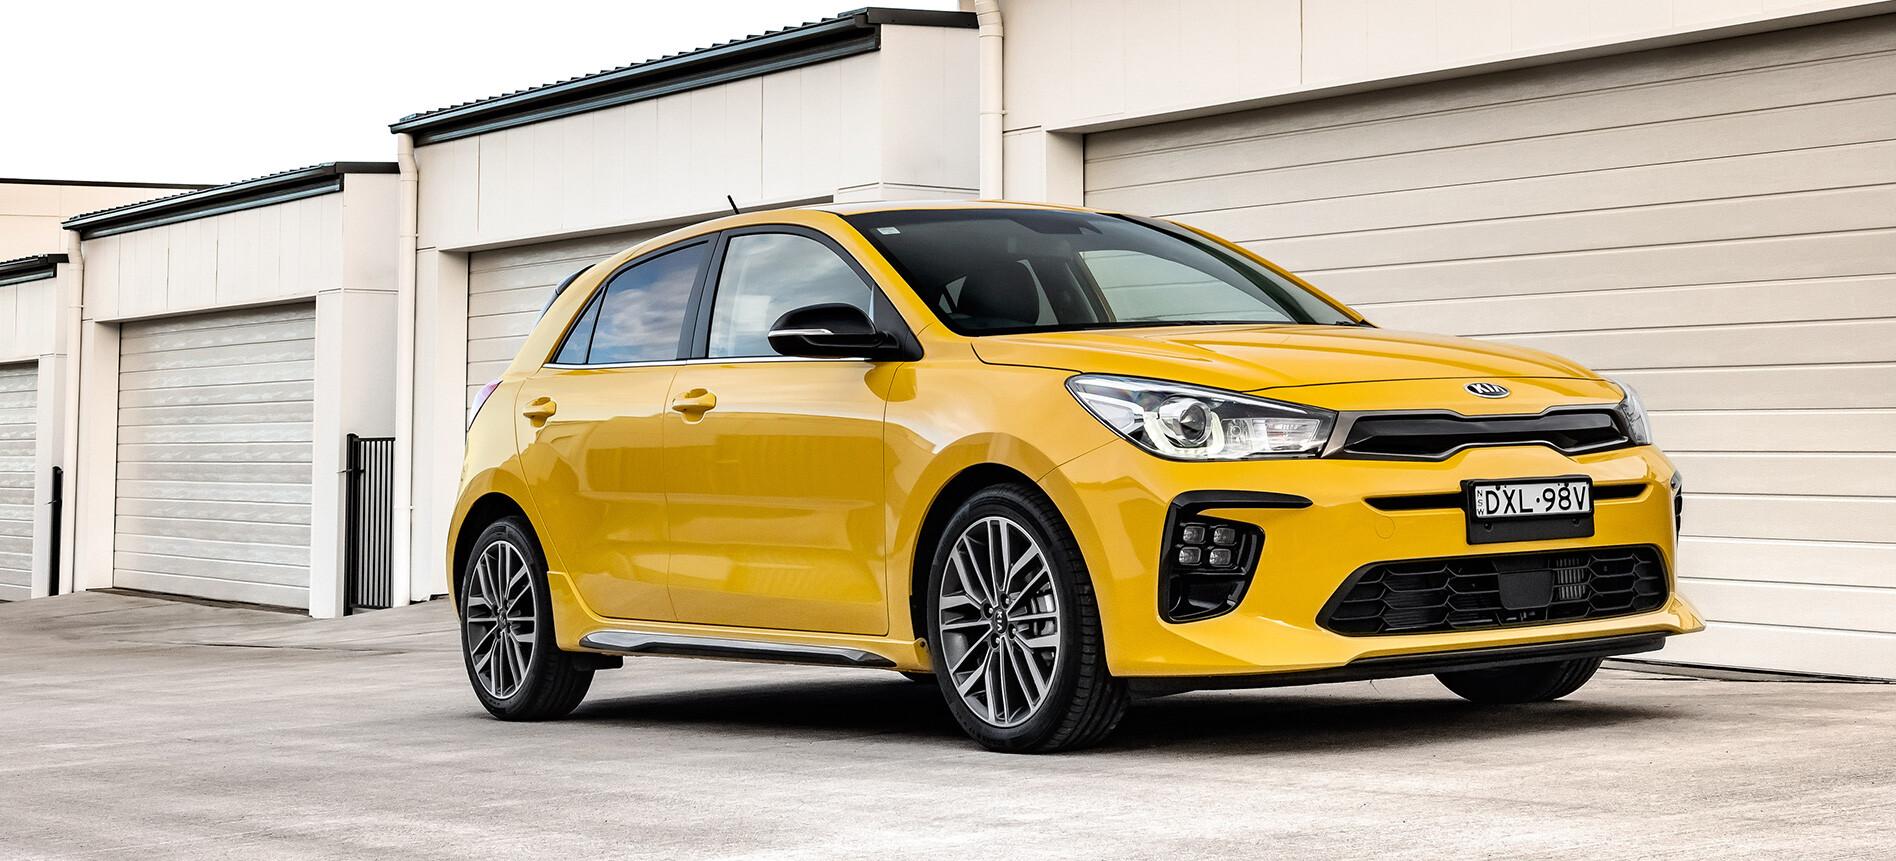 2019 Kia Rio adds sporty new GT-Line turbo to the range